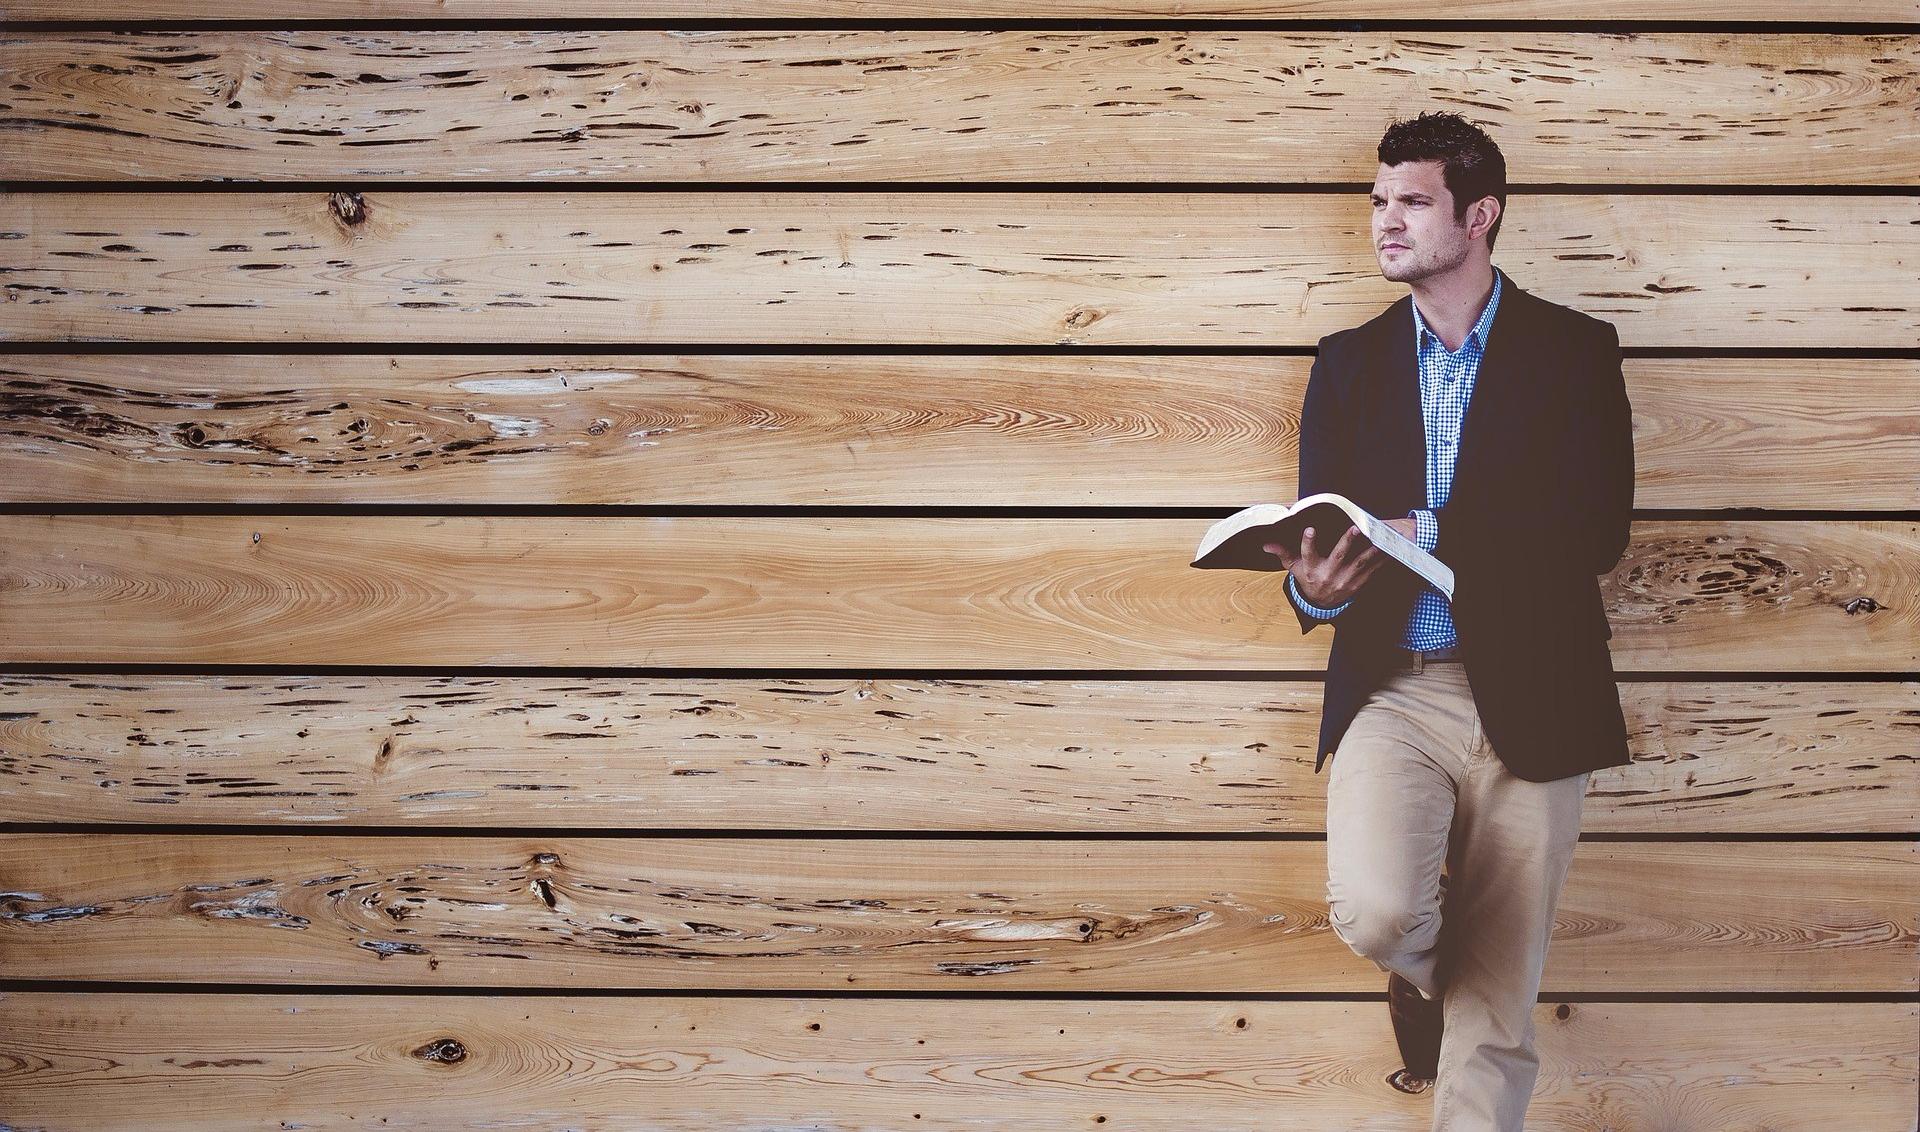 marc-miro-transformacion-liderazgo-desarrollo-personal-coaching-metas-exito-blog-16.jpg